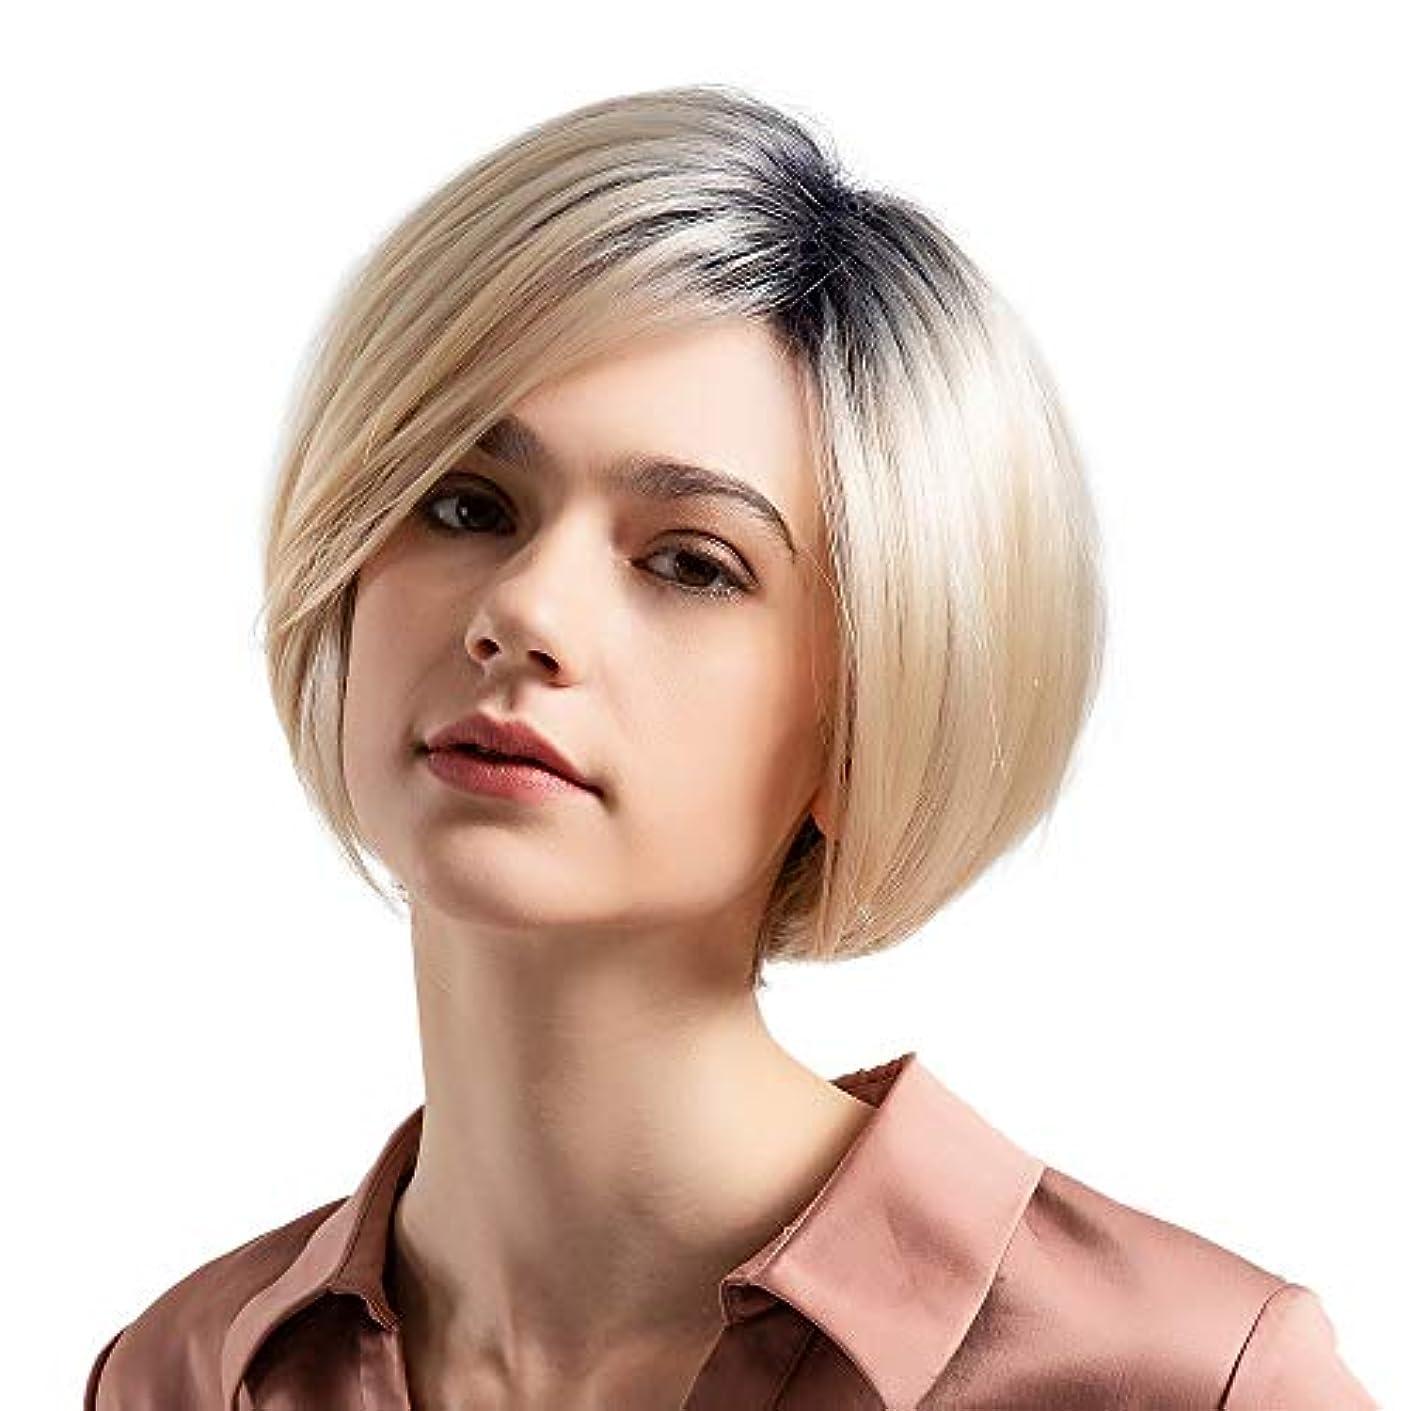 連結する聖歌何もないウィッグショートボブストレートヘア50%リアルヘアウィッグ女性のファッショングラデーションウィッグ